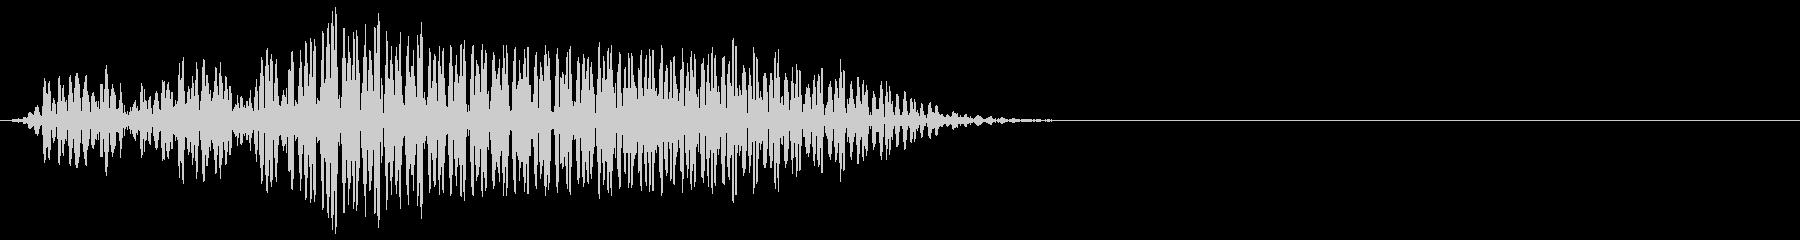 ゲーム掛け声ゾンビ1ノー1の未再生の波形